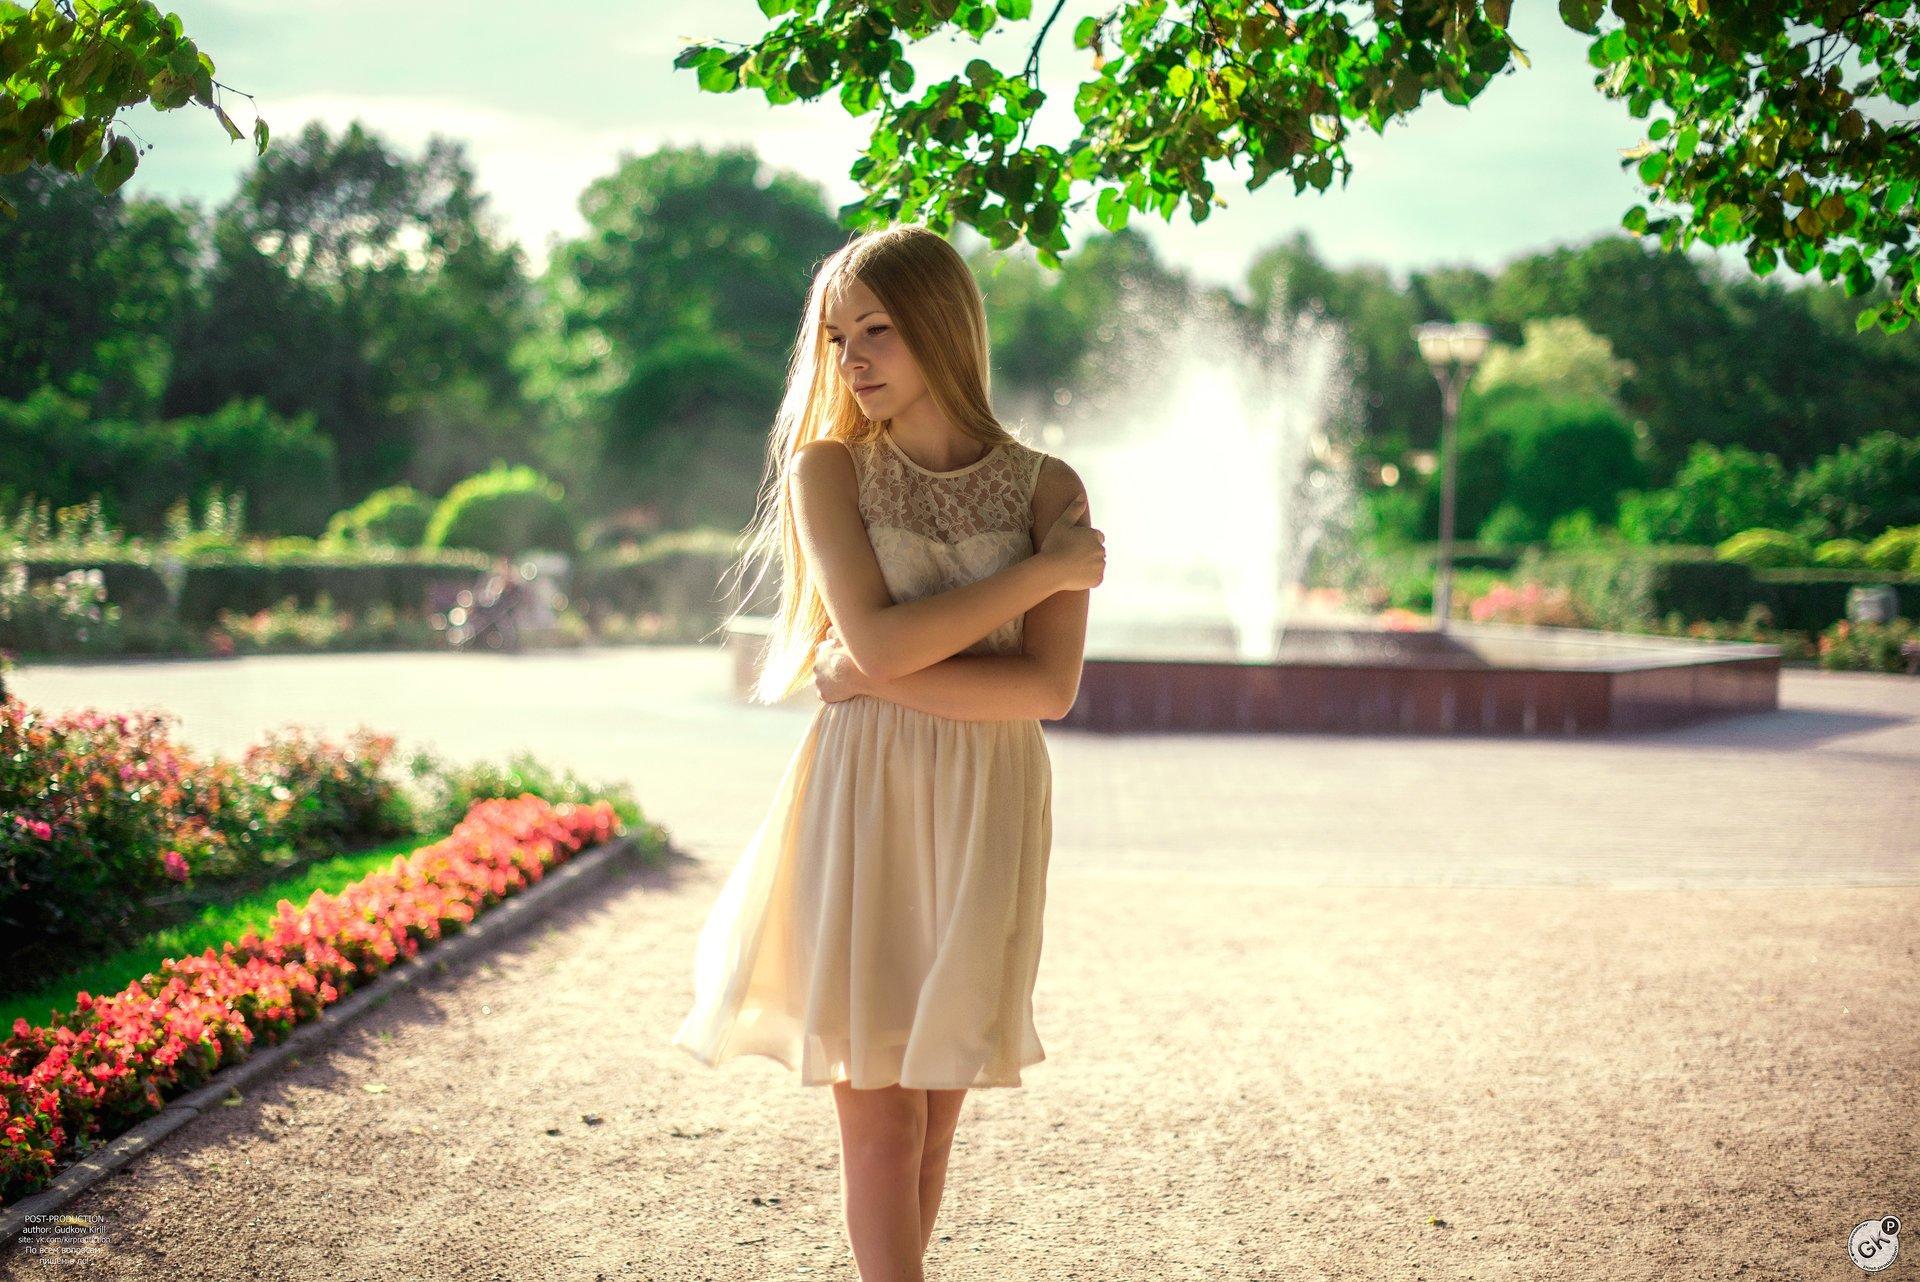 Фотосессия в парке летом девушки фото